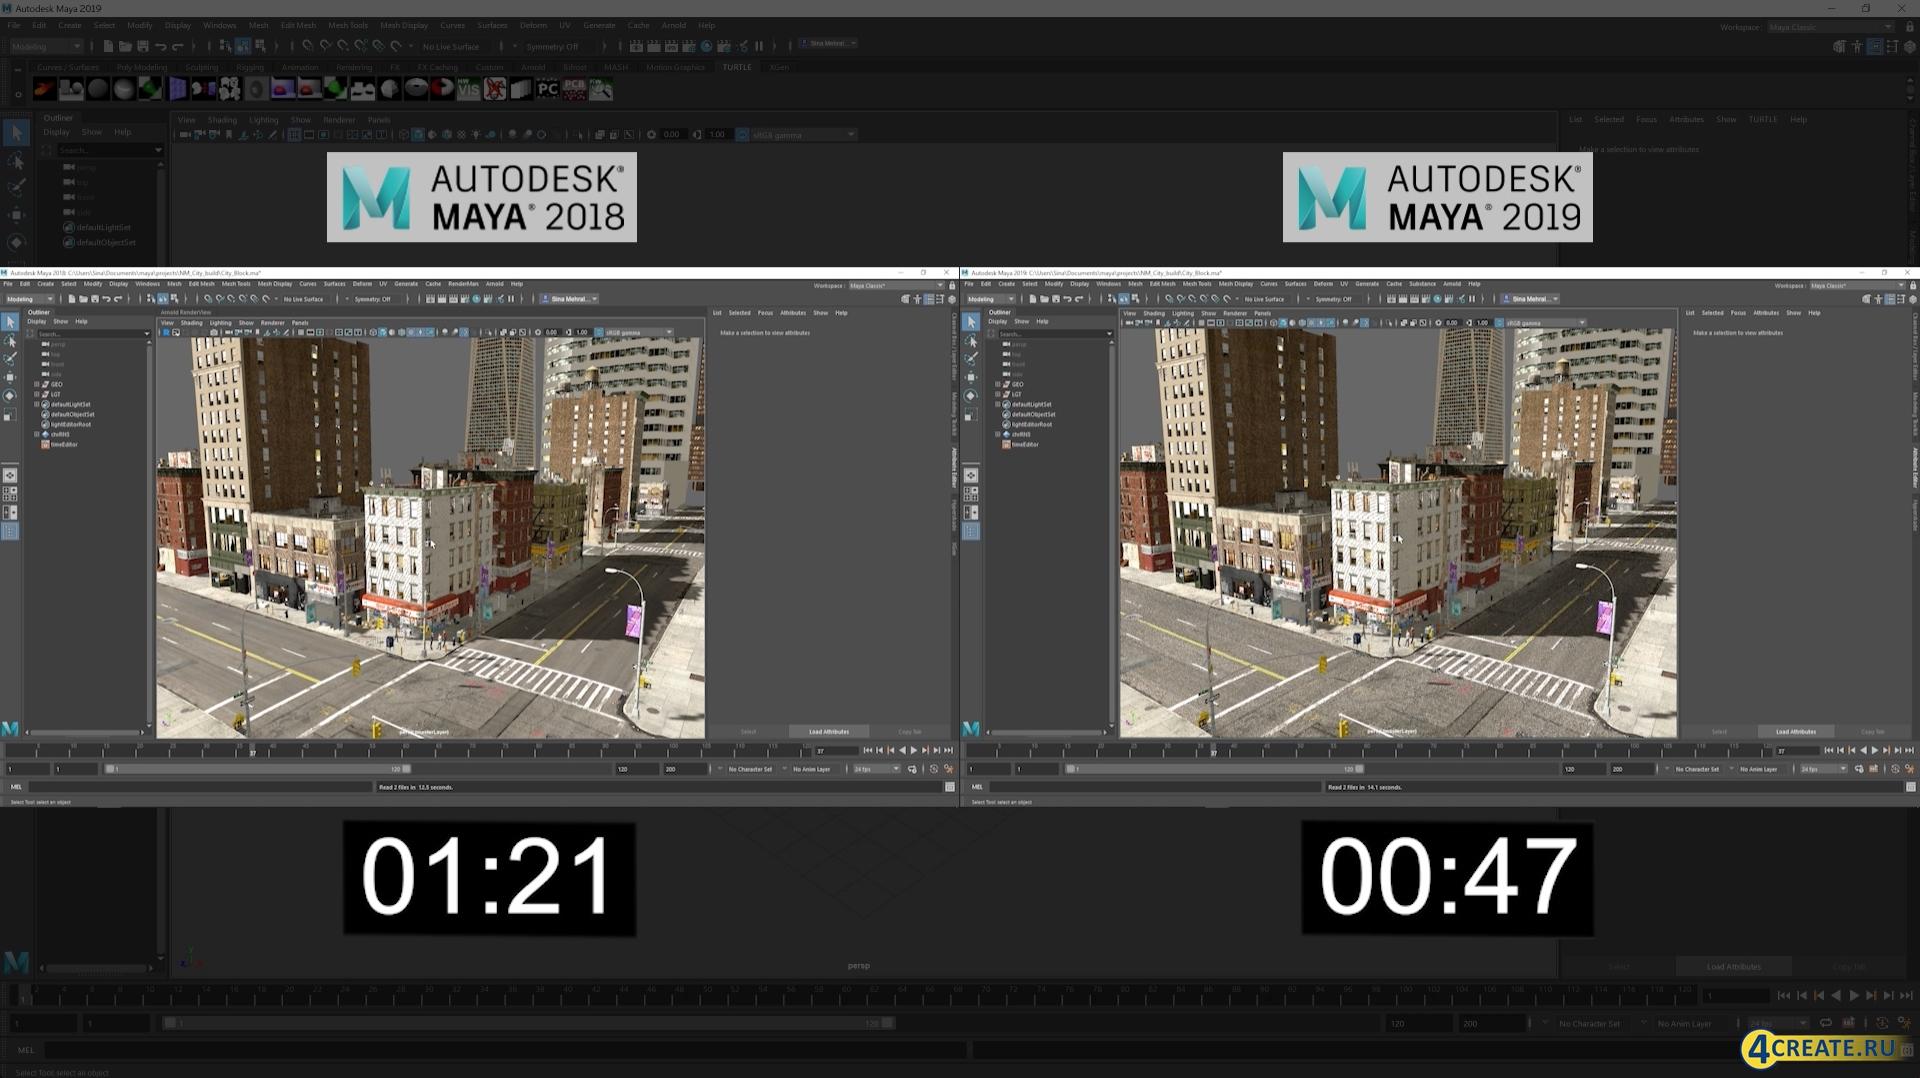 Autodesk Maya 2019 (Скриншот 2)